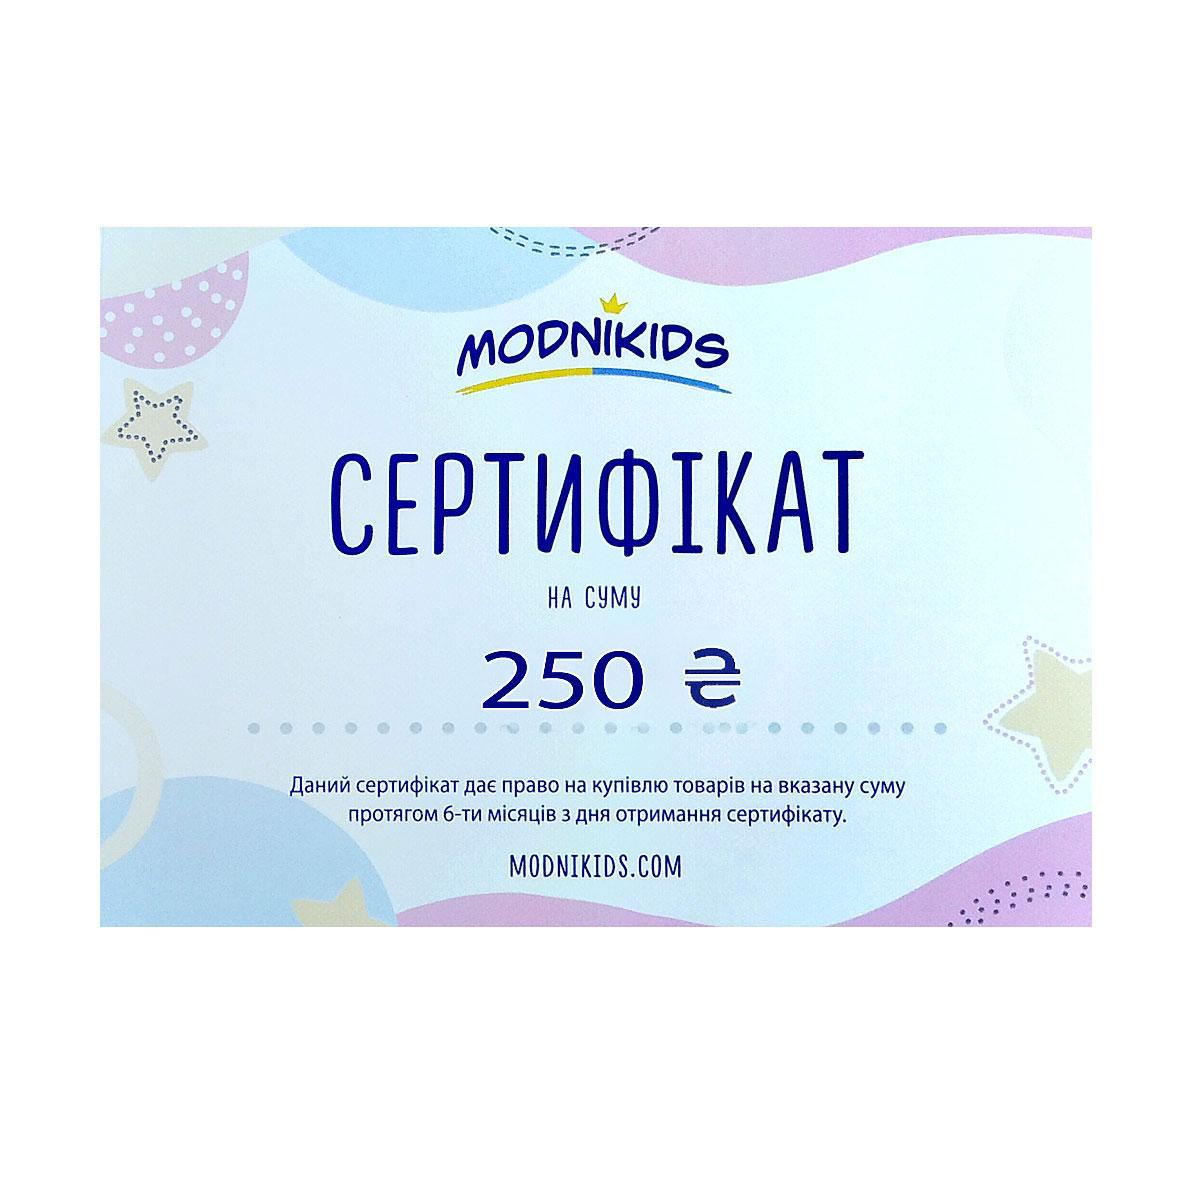 Подарунковий сертифікат на суму 250 гривень